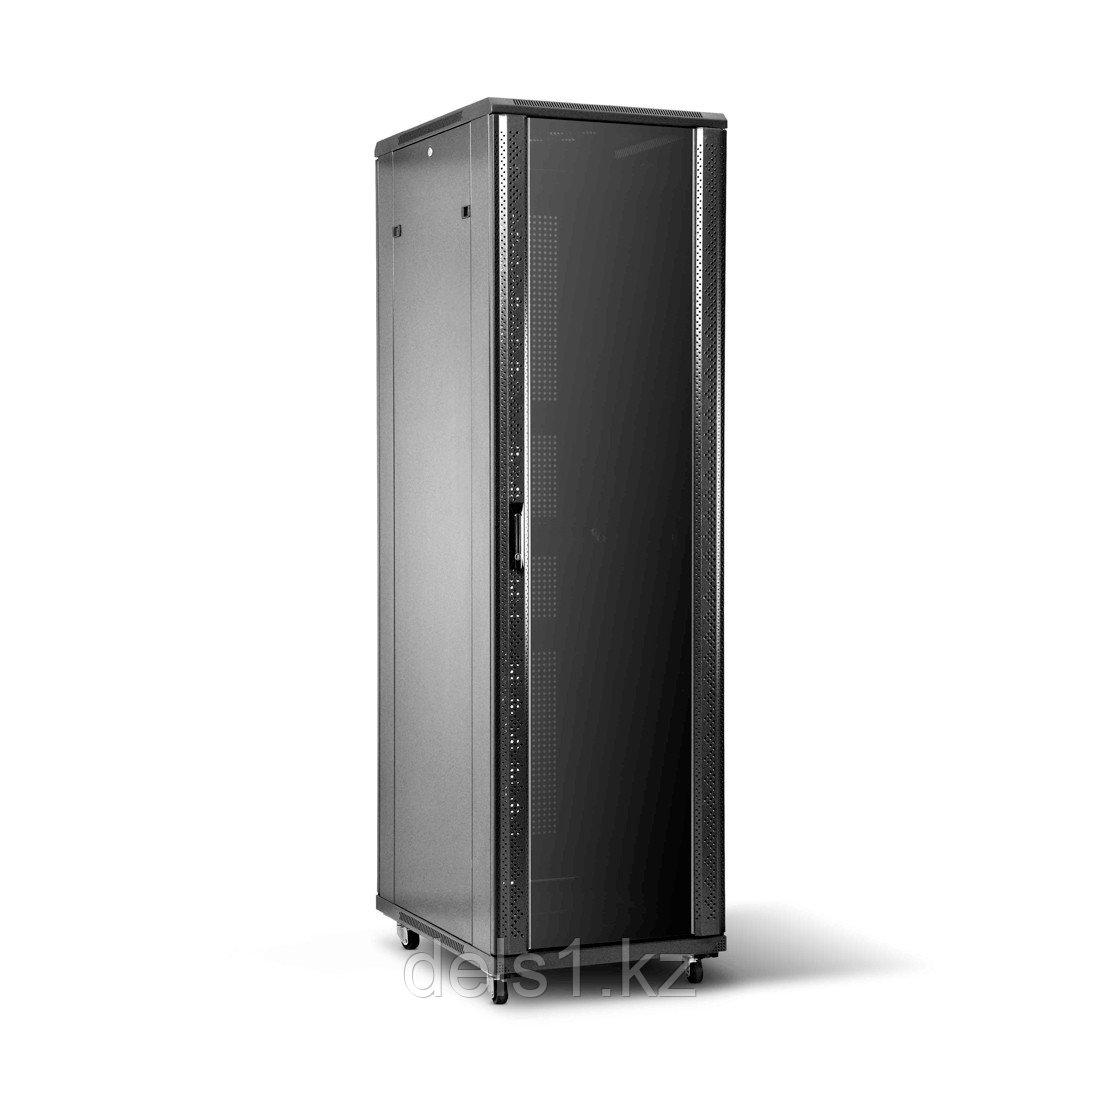 Шкаф серверный напольный SHIP 601S.6642.24.100 42U 600*600*2000 мм